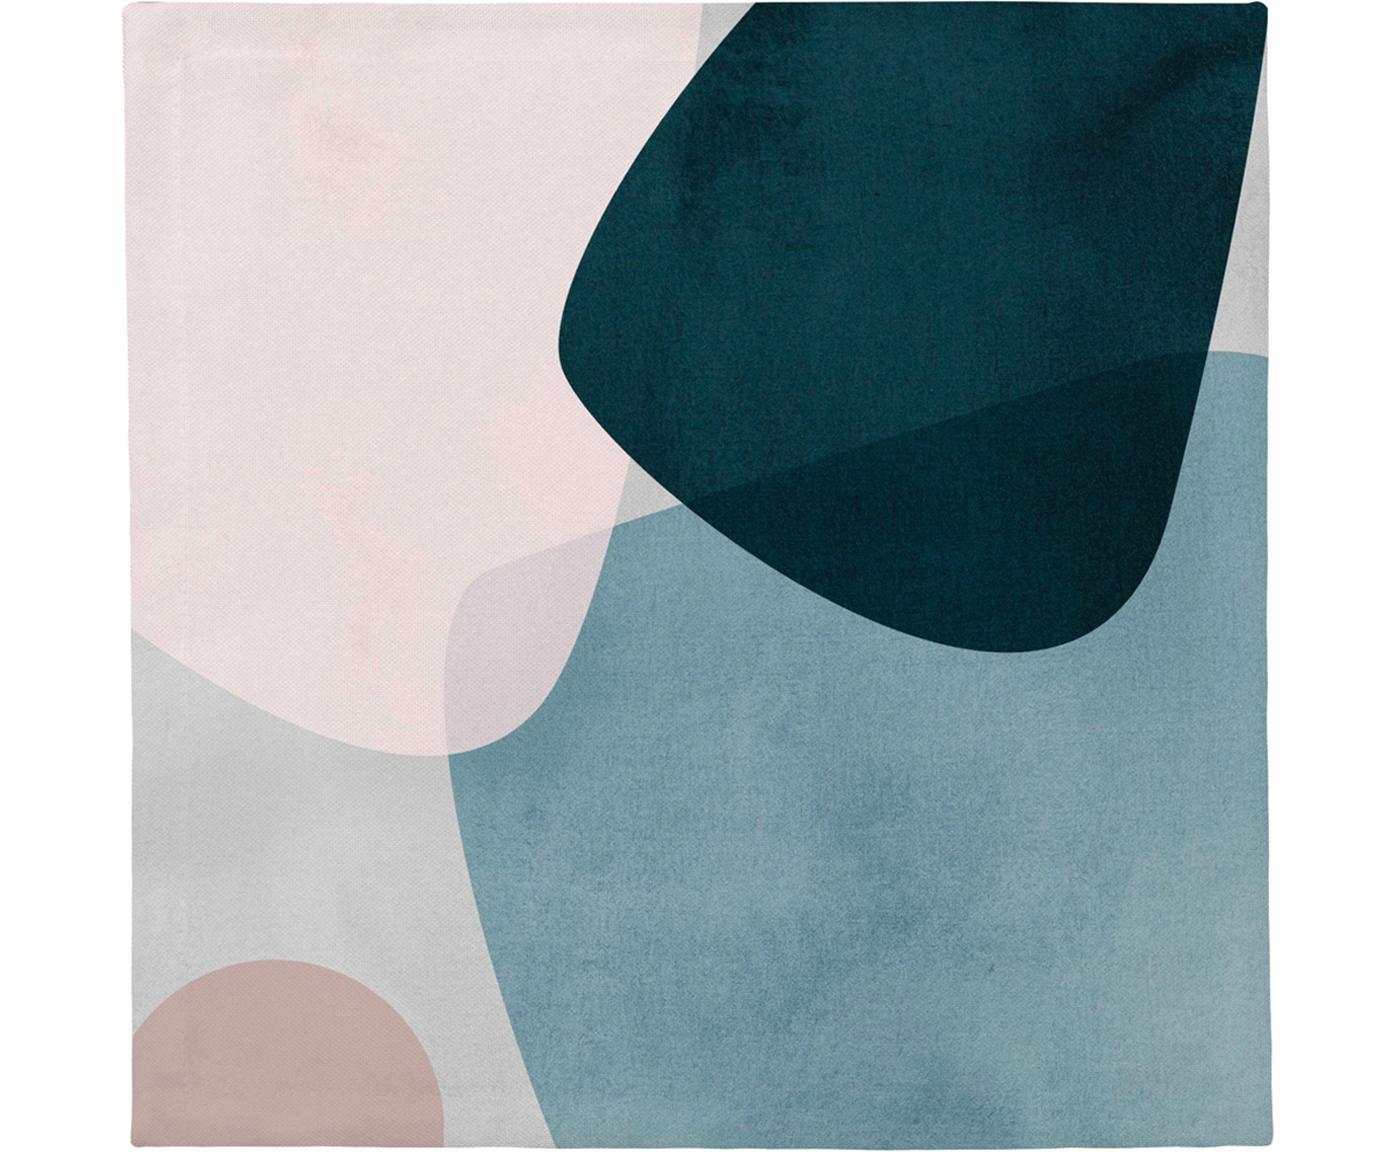 Stoffen servetten Graphic, 4 stuks, Katoen, Donkerblauw, blauw, grijs, roze, 40 x 40 cm